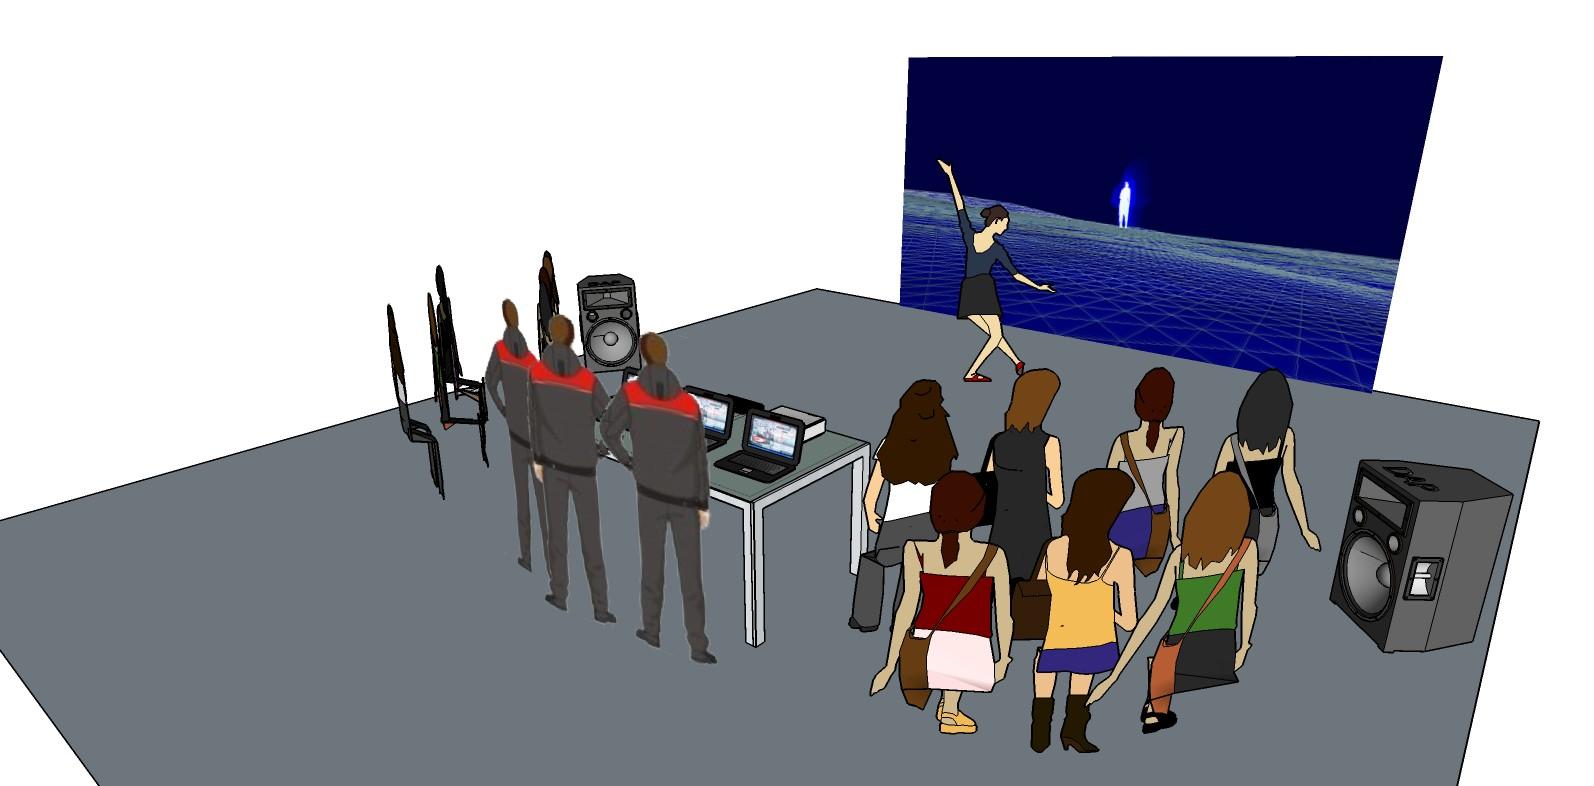 Cómo se arma el espacio en Speak. Foto: Gentileza Speak.